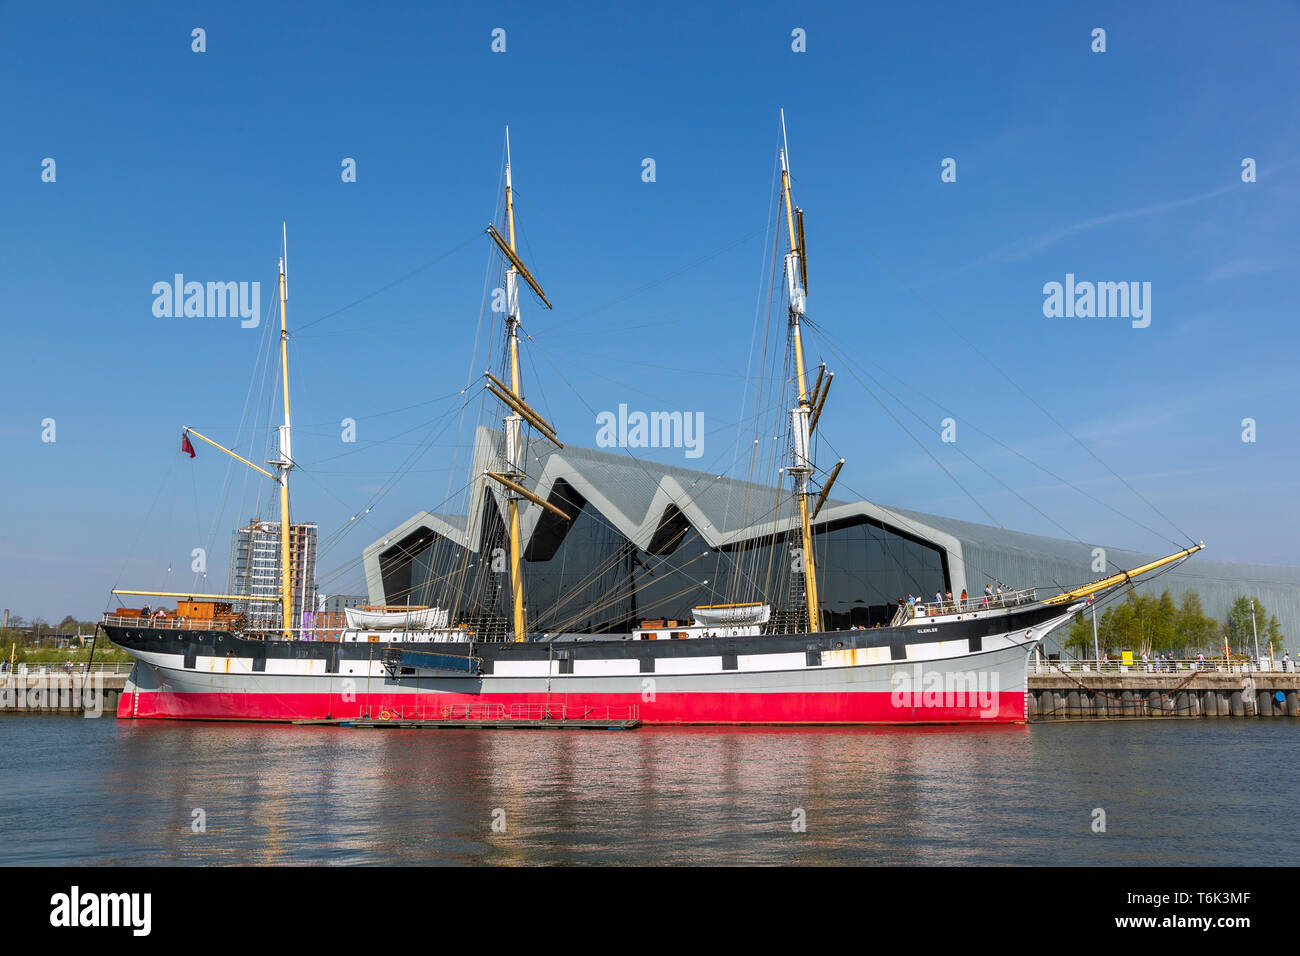 Tall Ship Glenlee, construit en 1896, un trois-mâts barque, à quai maintenant sur la rivière Clyde à la Riverside transport museum, Glasgow, Ecosse, Royaume-Uni Banque D'Images